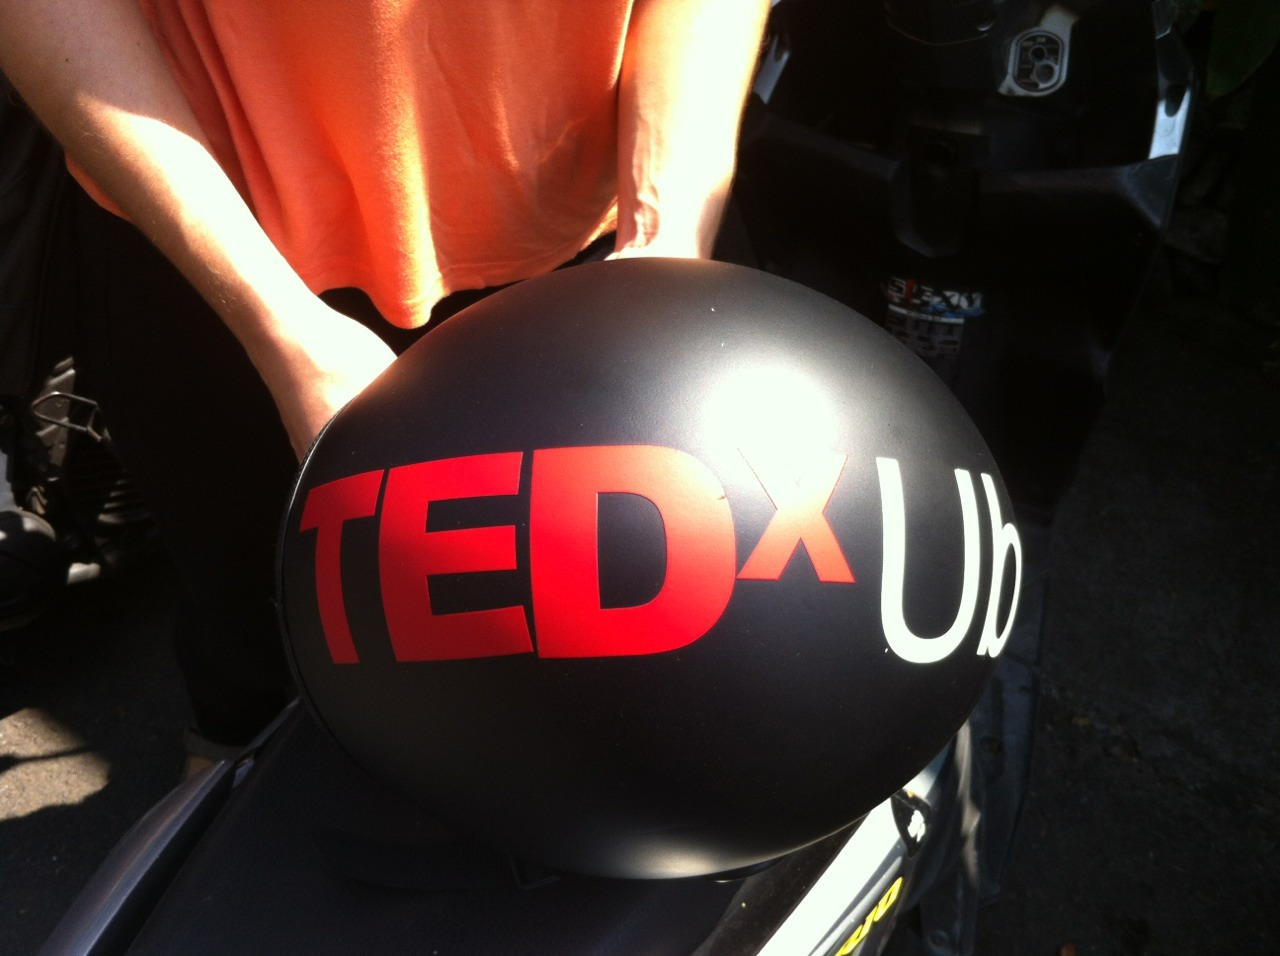 TEDxUbud super fan.